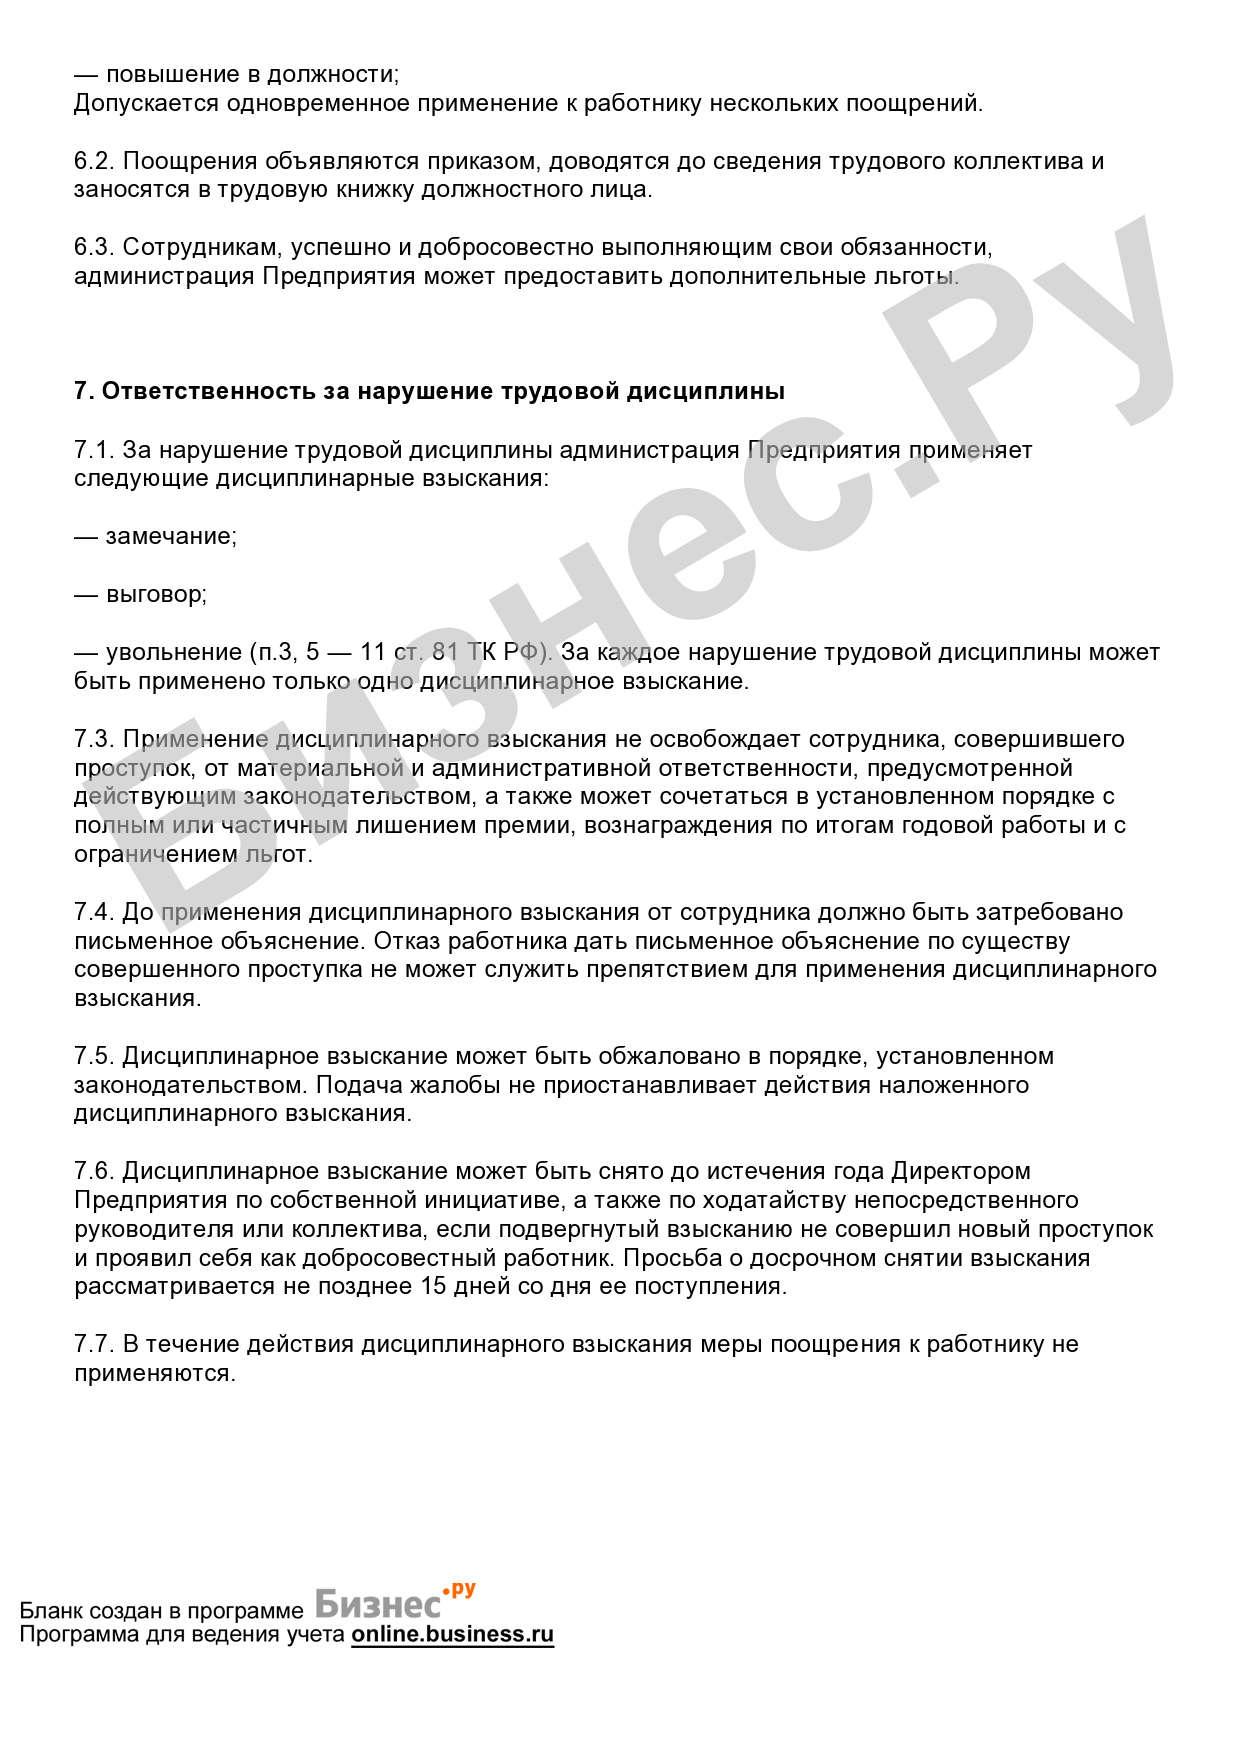 Правила Внутреннего Трудового Распорядка на Предприятии скачать